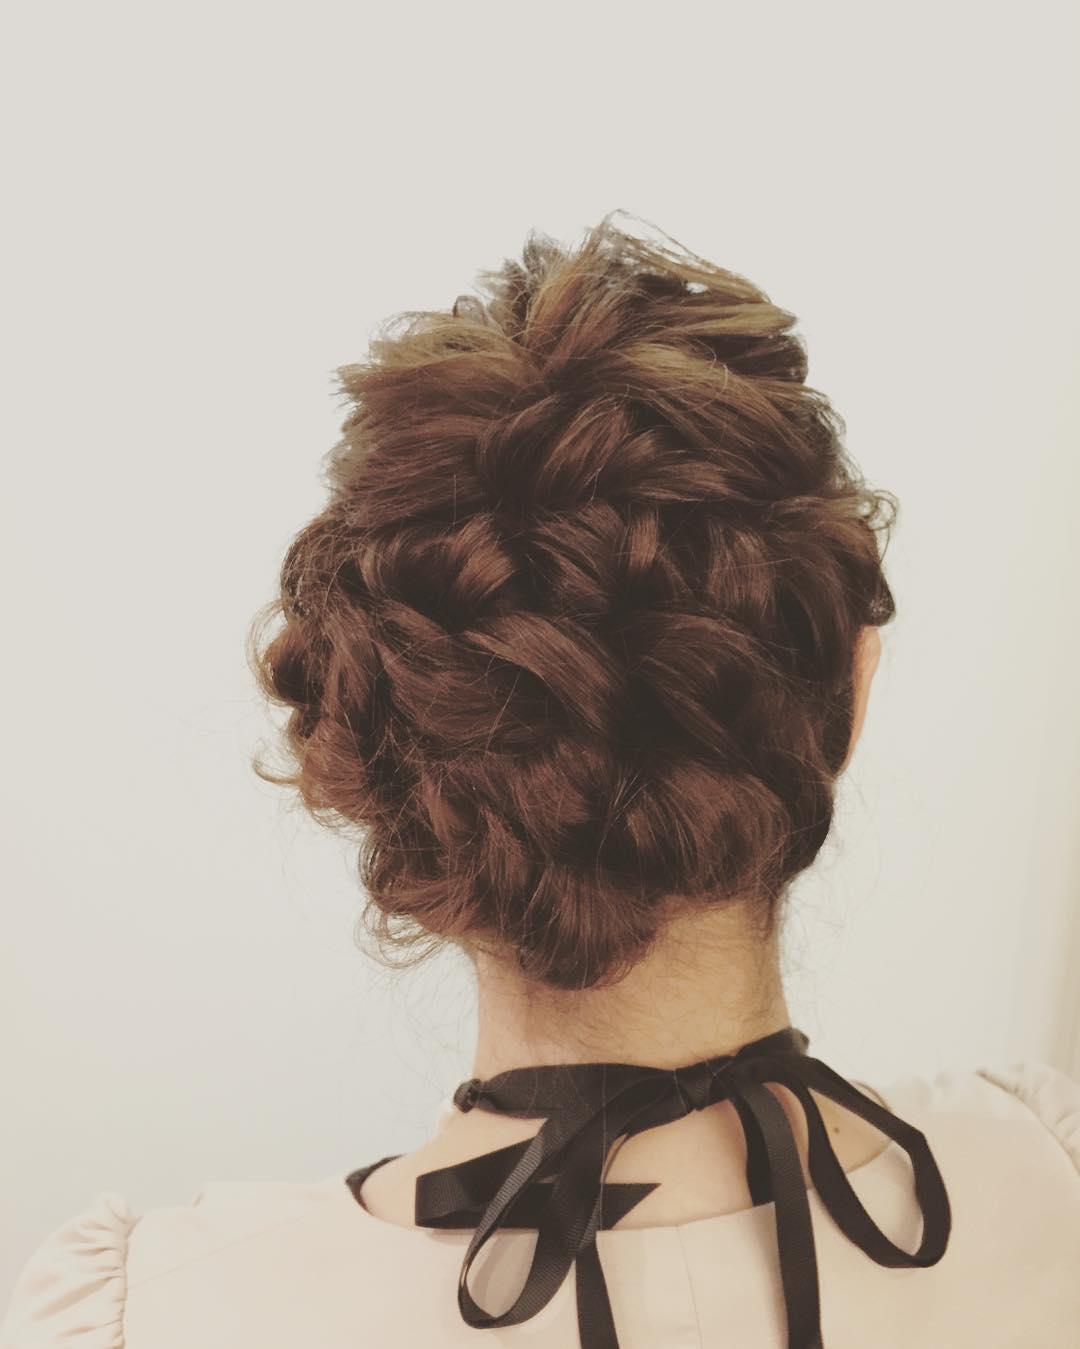 トレンドのヘアスタイル9